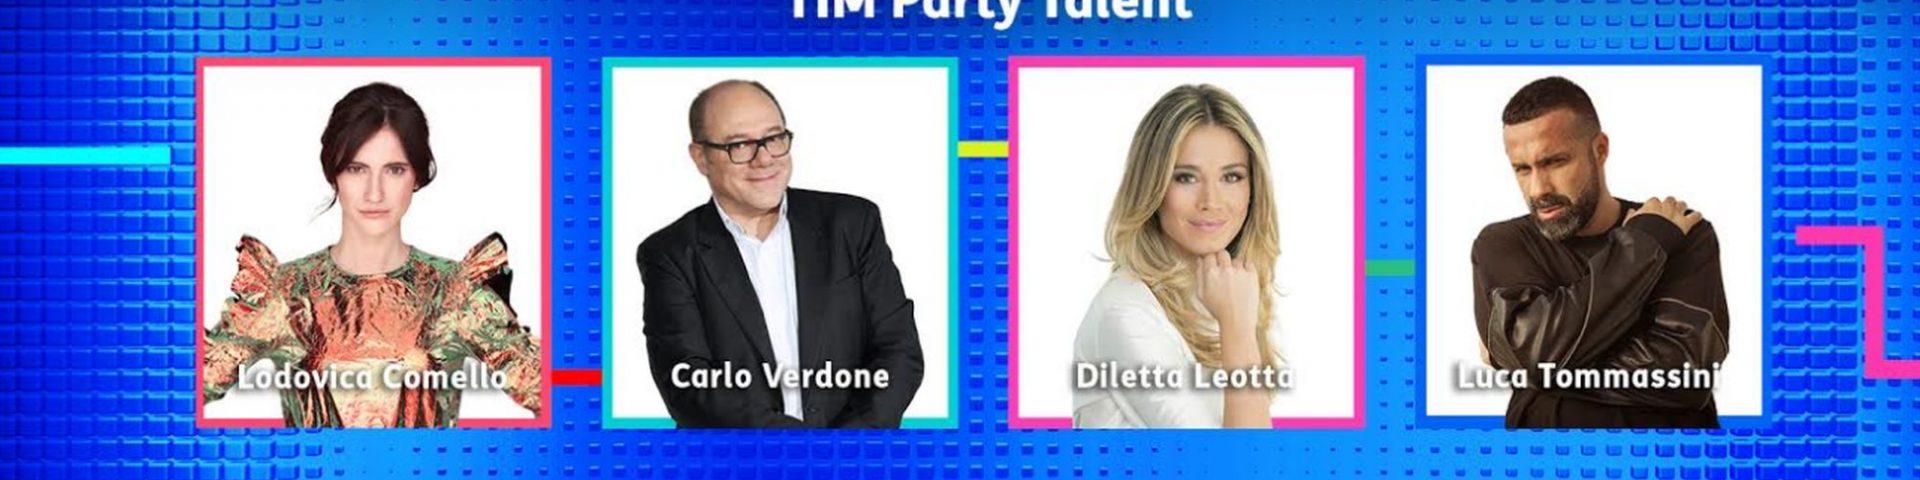 TIM Party Talent 2 con Carlo Verdone, Diletta Leotta e Luca Tommassini